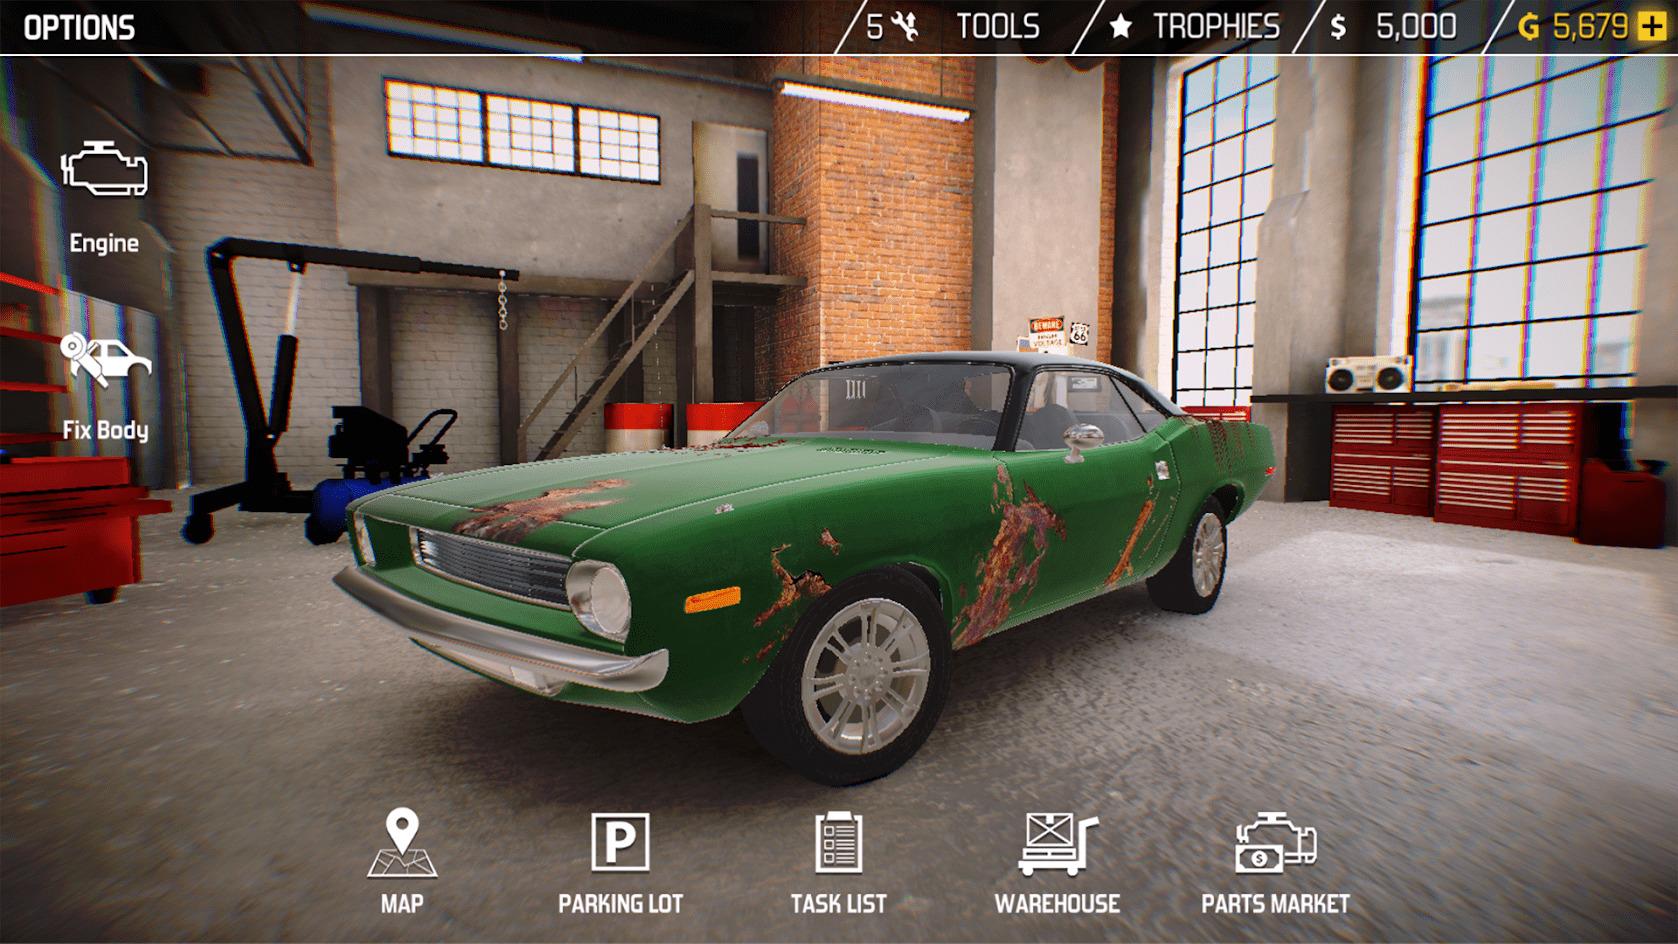 Иллюстрация на тему Скачать Car Mechanic Simulator 2018 на Андроид на русском языке